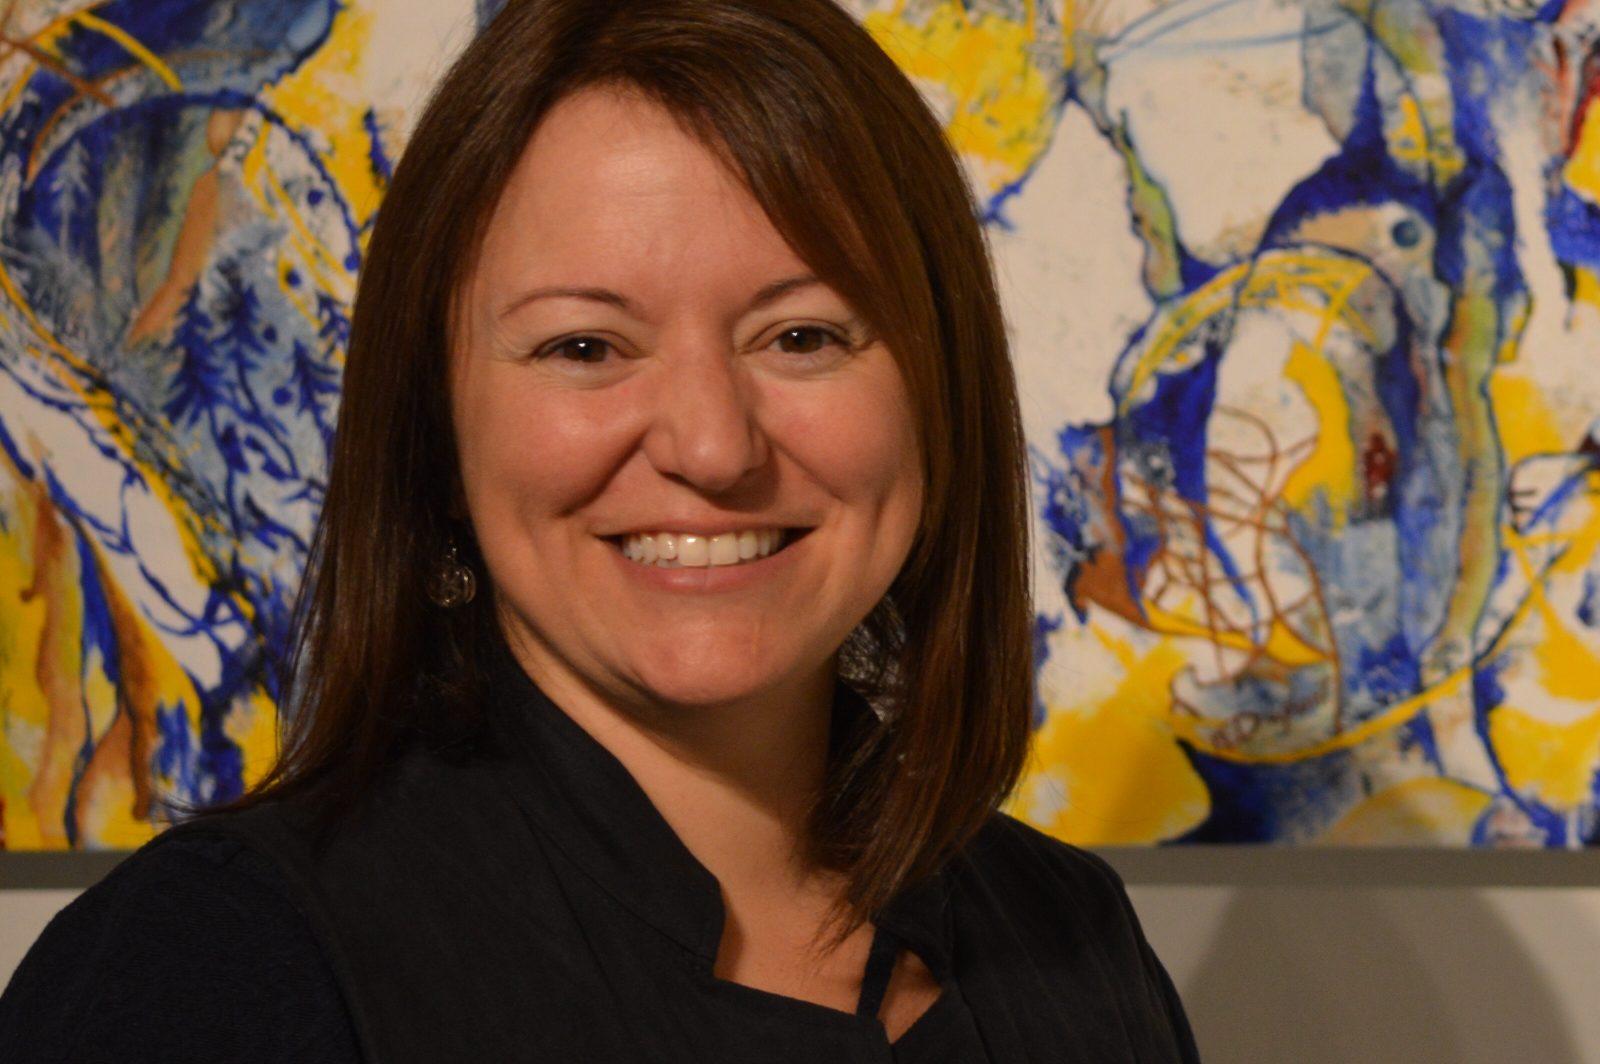 Nathalie Dupont transforme ses réflexions en œuvre d'art